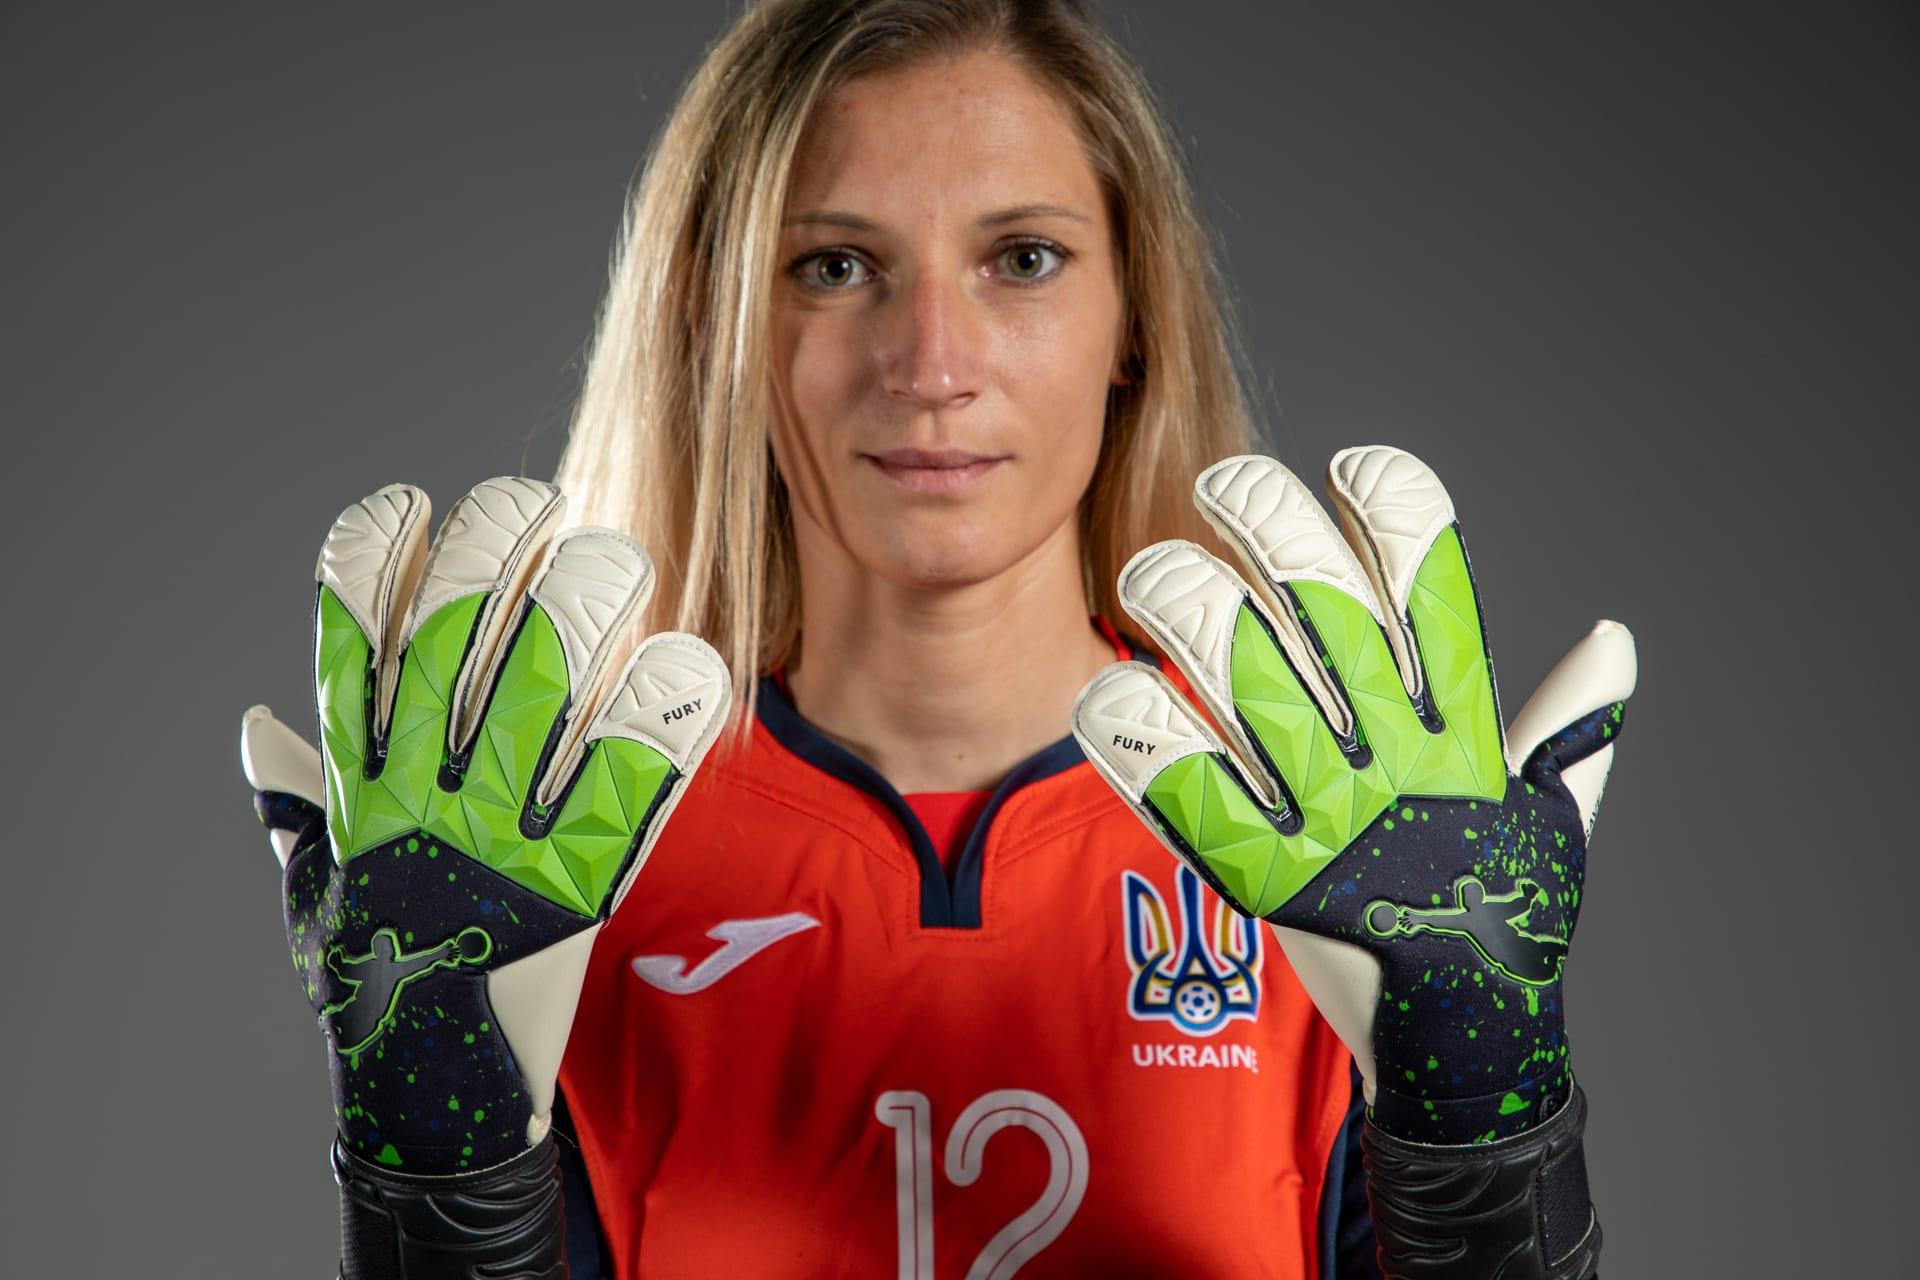 Brave GK – перший бренд в Україні, який створив воротарські рукавиці для жінок - інтернет-магазин Brave GK